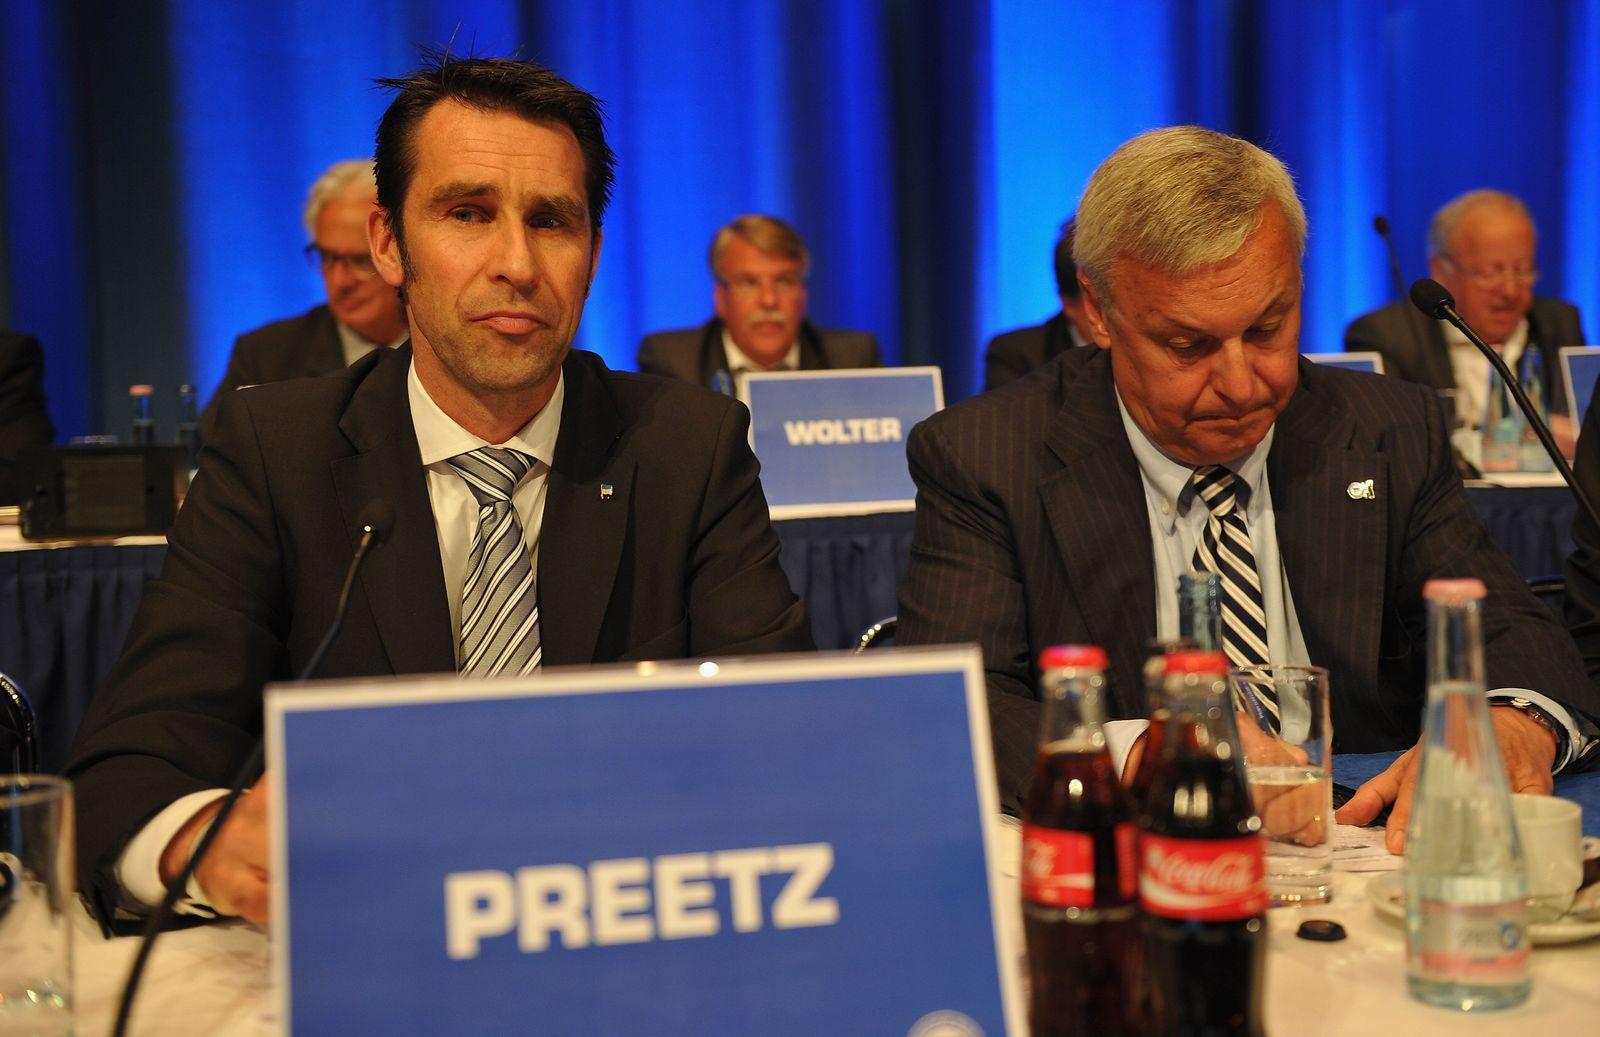 Preetz